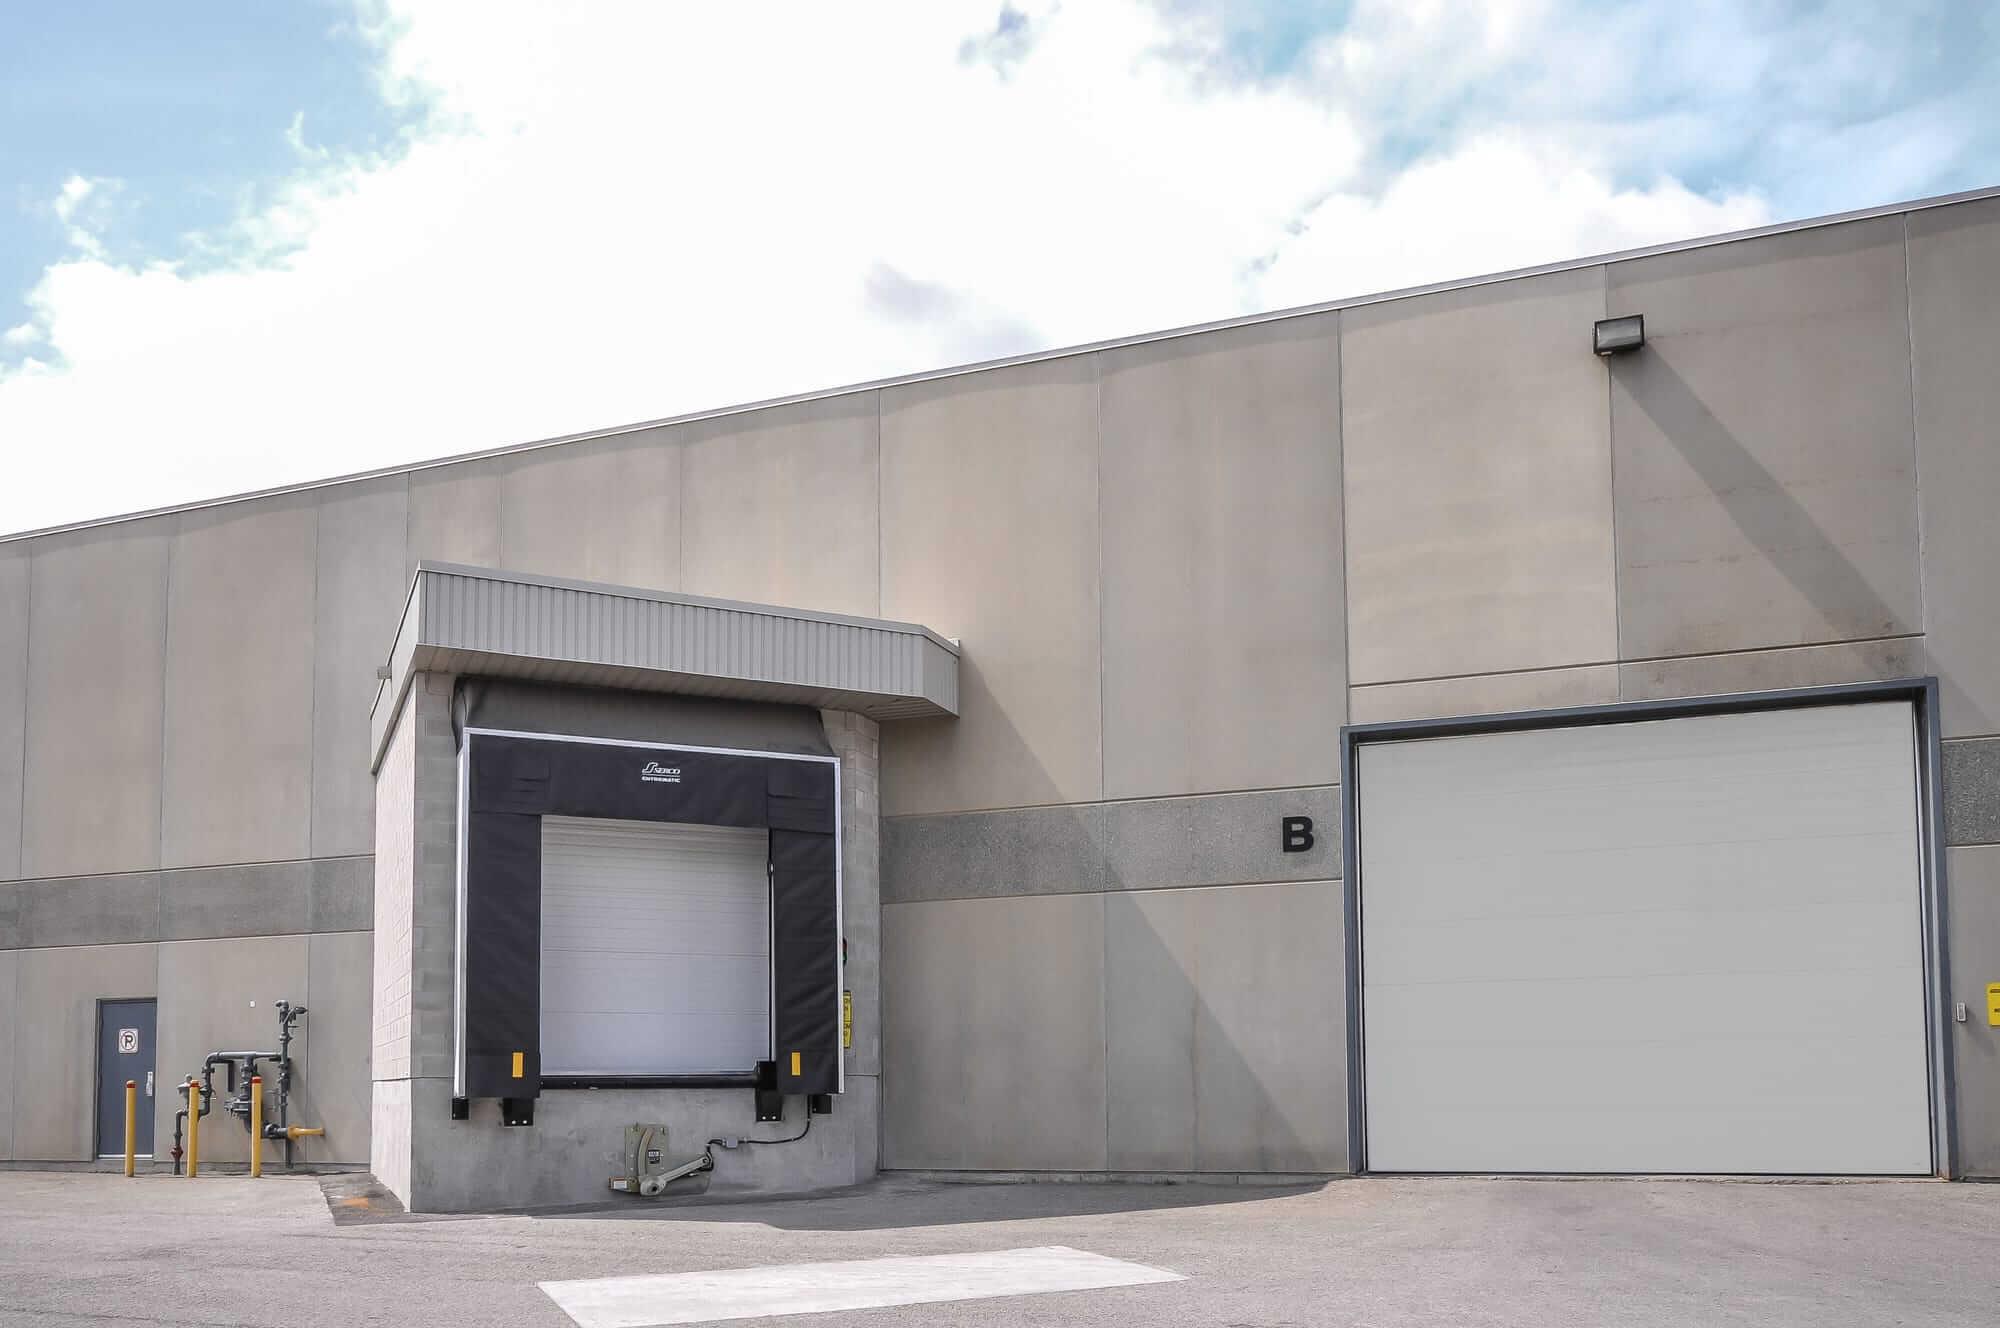 portes de quai de chargement nouvellement construits - Canpar